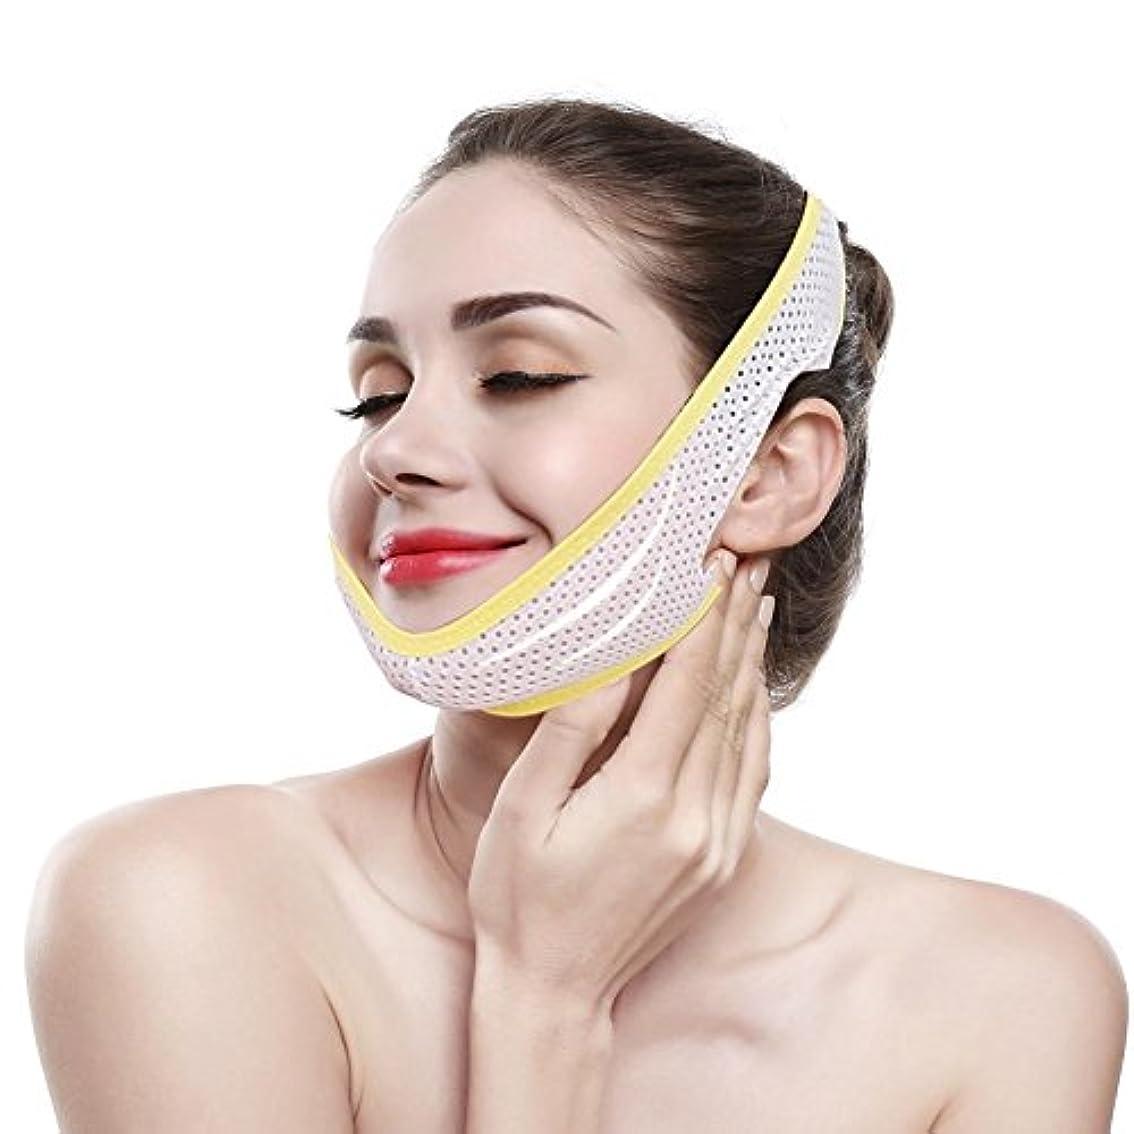 融合防止鋼顎リフト フェイススリミング包帯 フェイスベルト 顔の包帯スリミングダブルチンVラインとフェイシャルケアファーミングスキン 女性の超薄型 フェイスマス クラインベルト スリミング製品マスク(M)